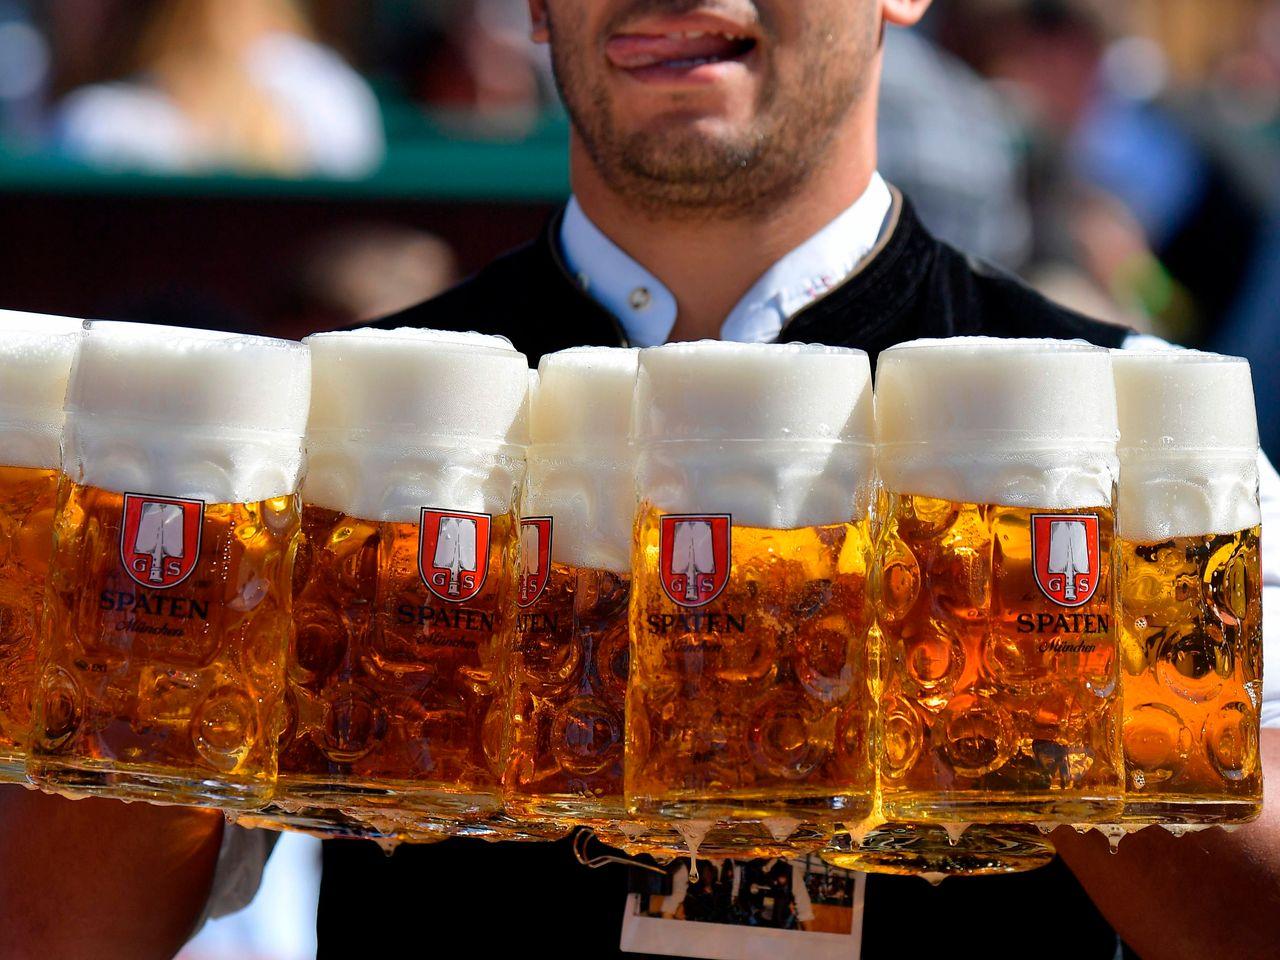 बियर पीने वालों के लिए हैप्पी न्यूज़, दूध से ज्यादा फायदेमंद होती है BEER… जाने कैसे ?